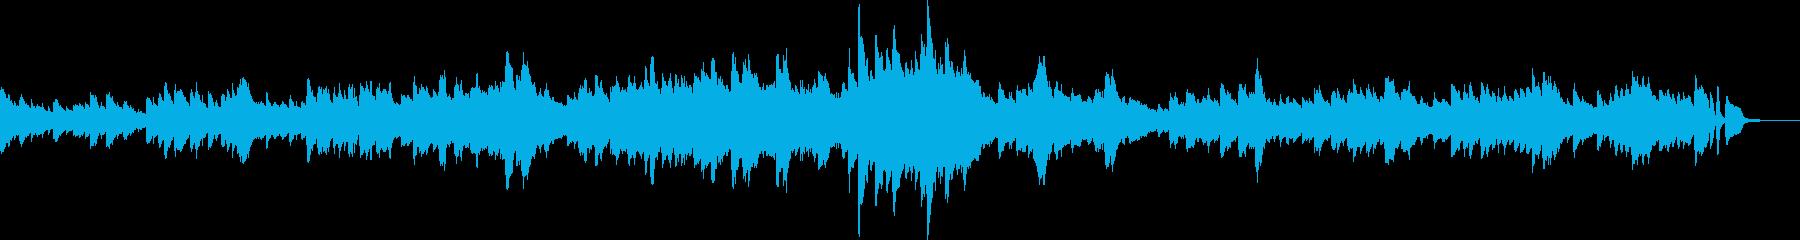 寂しげなピアノソロワルツ(懐かしい)の再生済みの波形